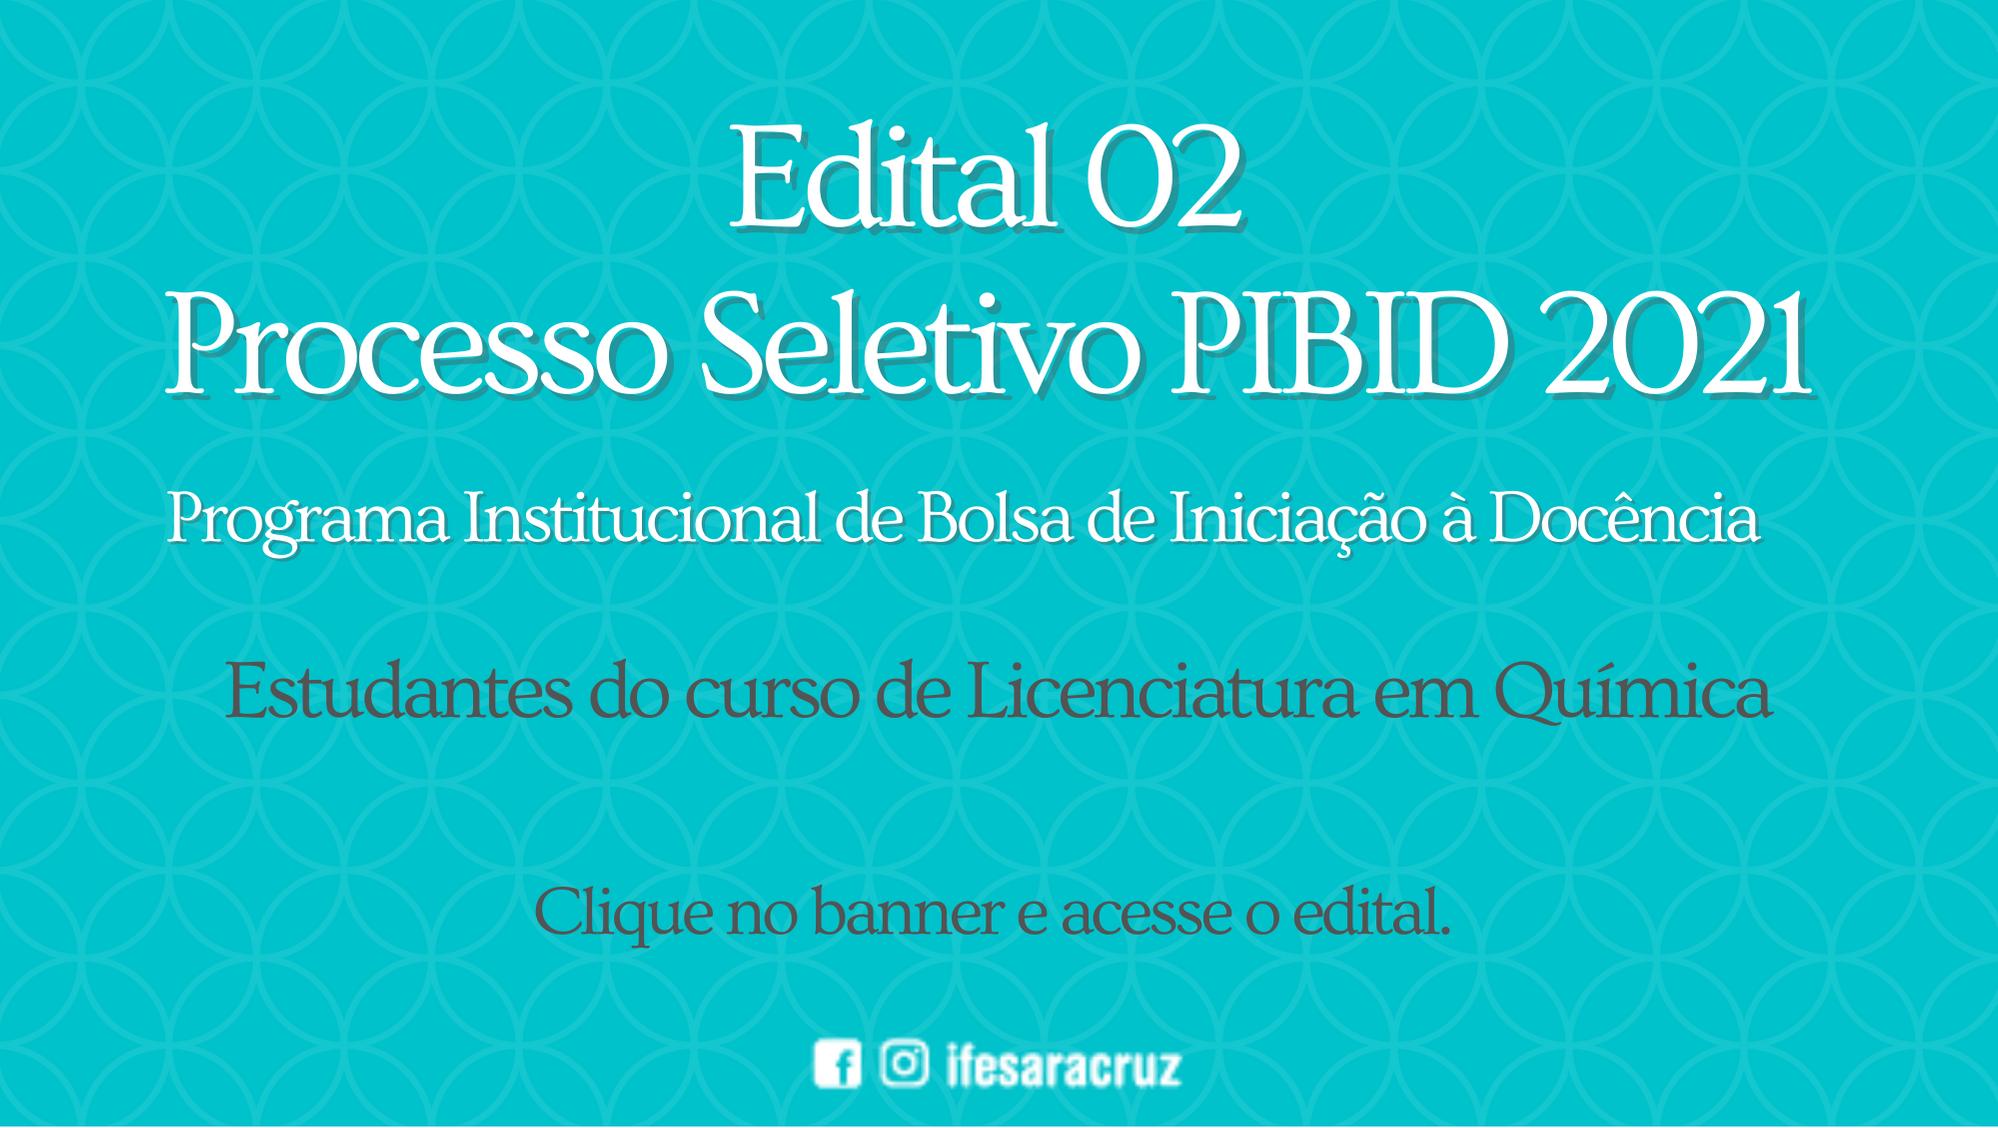 Edital 02-2021 - Programa Institucional de Bolsa de Iniciação à Docência (PIBID)